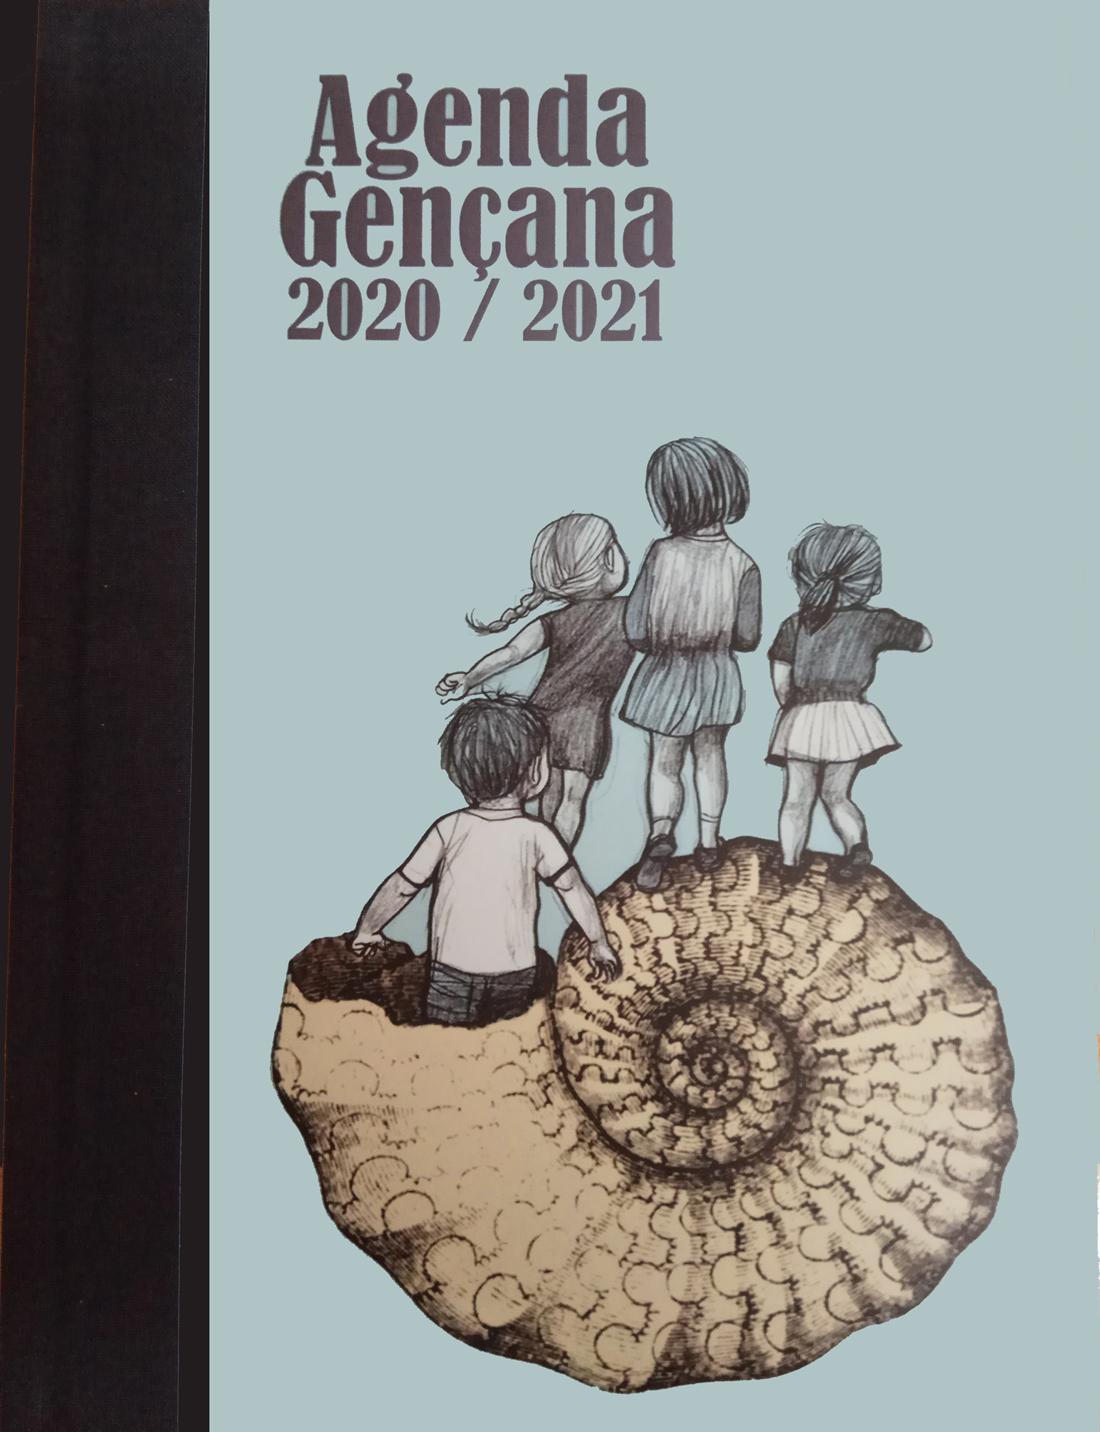 agenda escolar ilustrada por noemi villamuza